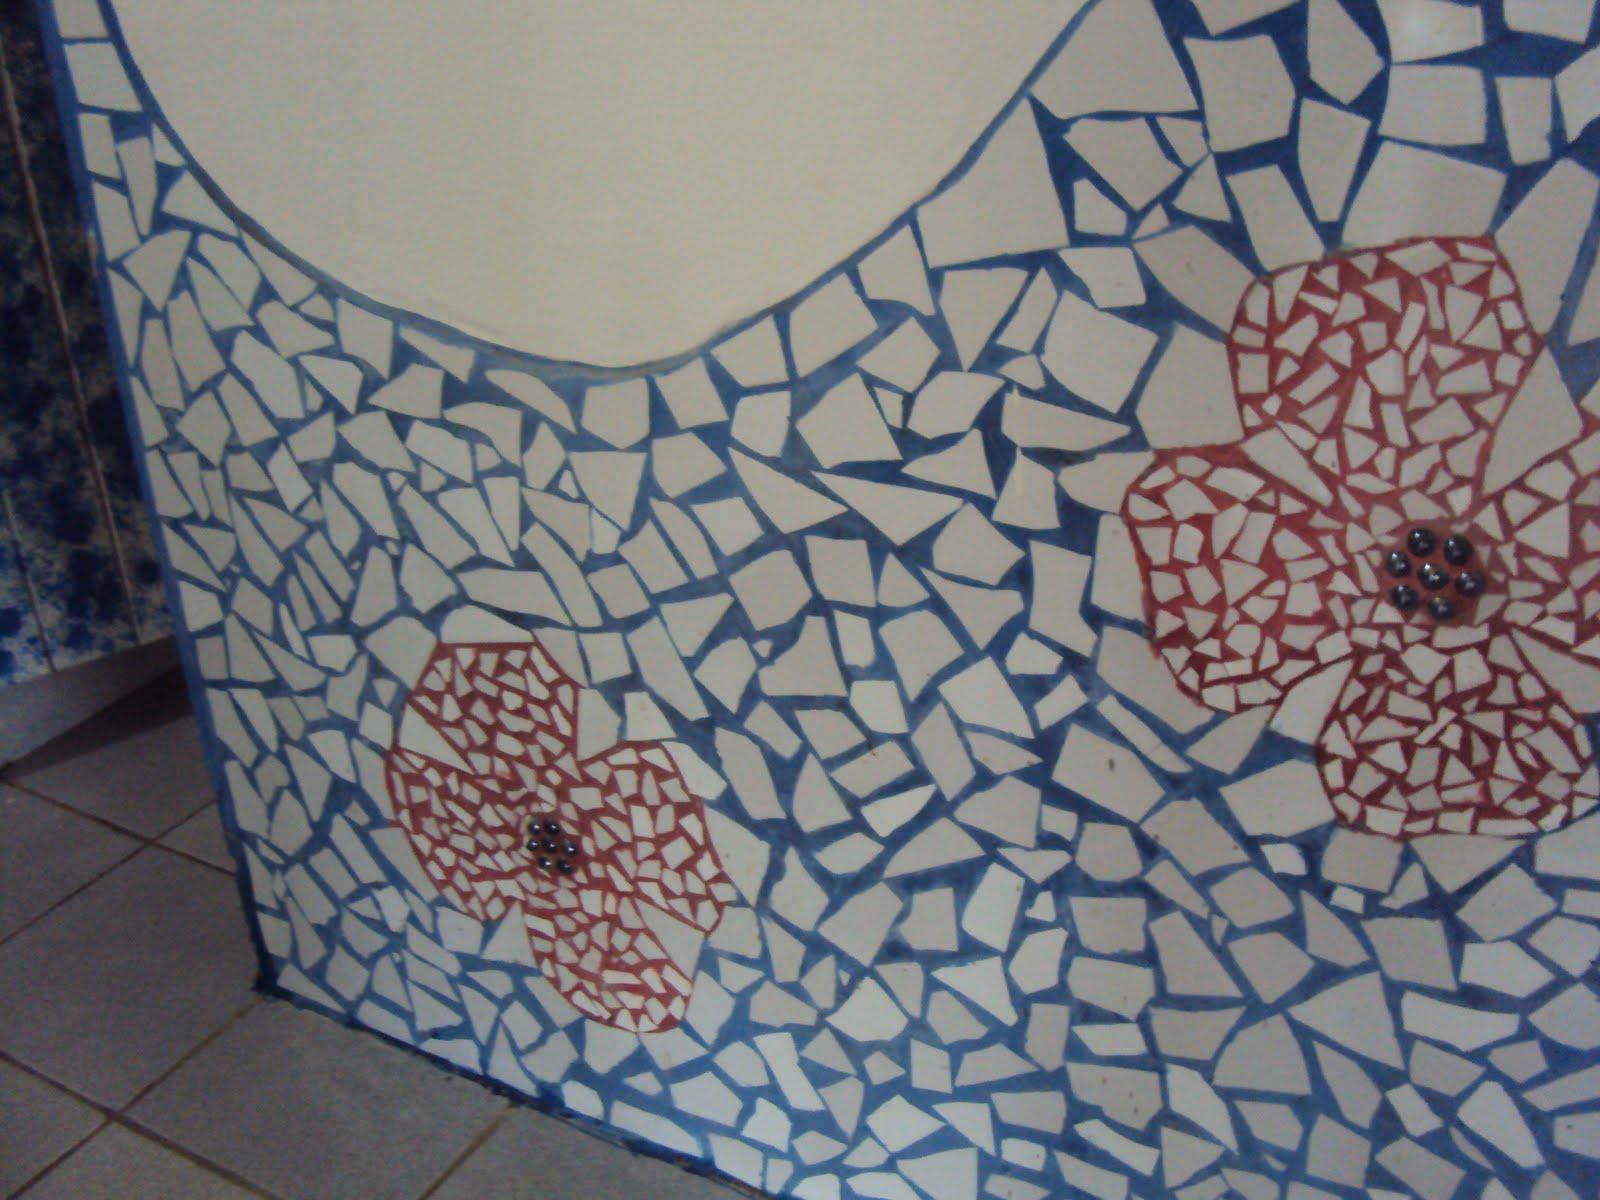 Mosaicos De Azulejos En Paredes Interesting Nueva Plaza De  ~ Mosaicos De Azulejos En Paredes